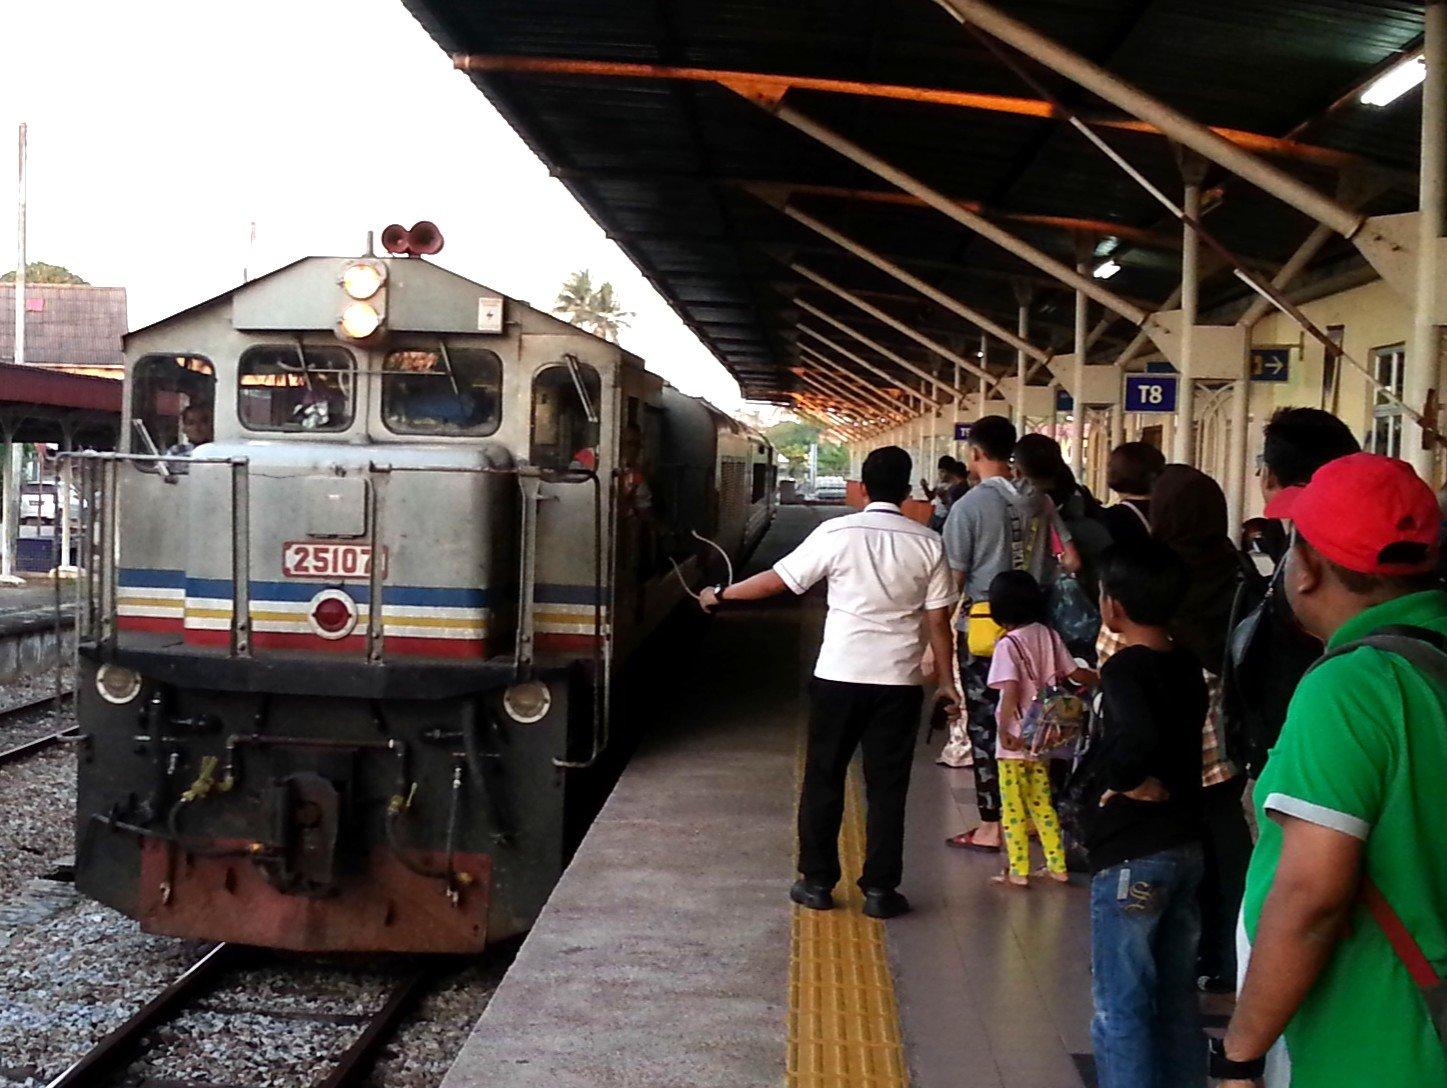 Ekspress Rakyat Timuran train at Wakaf Bharu